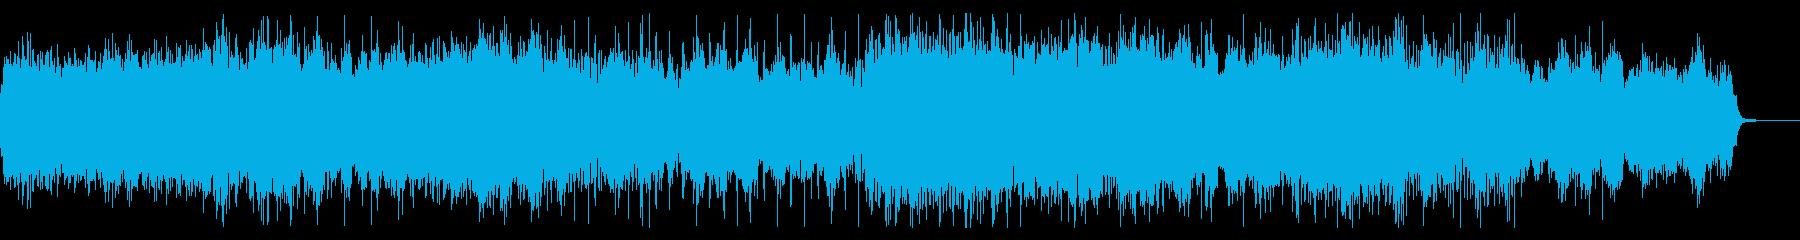 デジタルドリーミーなテクスチャーIDMの再生済みの波形